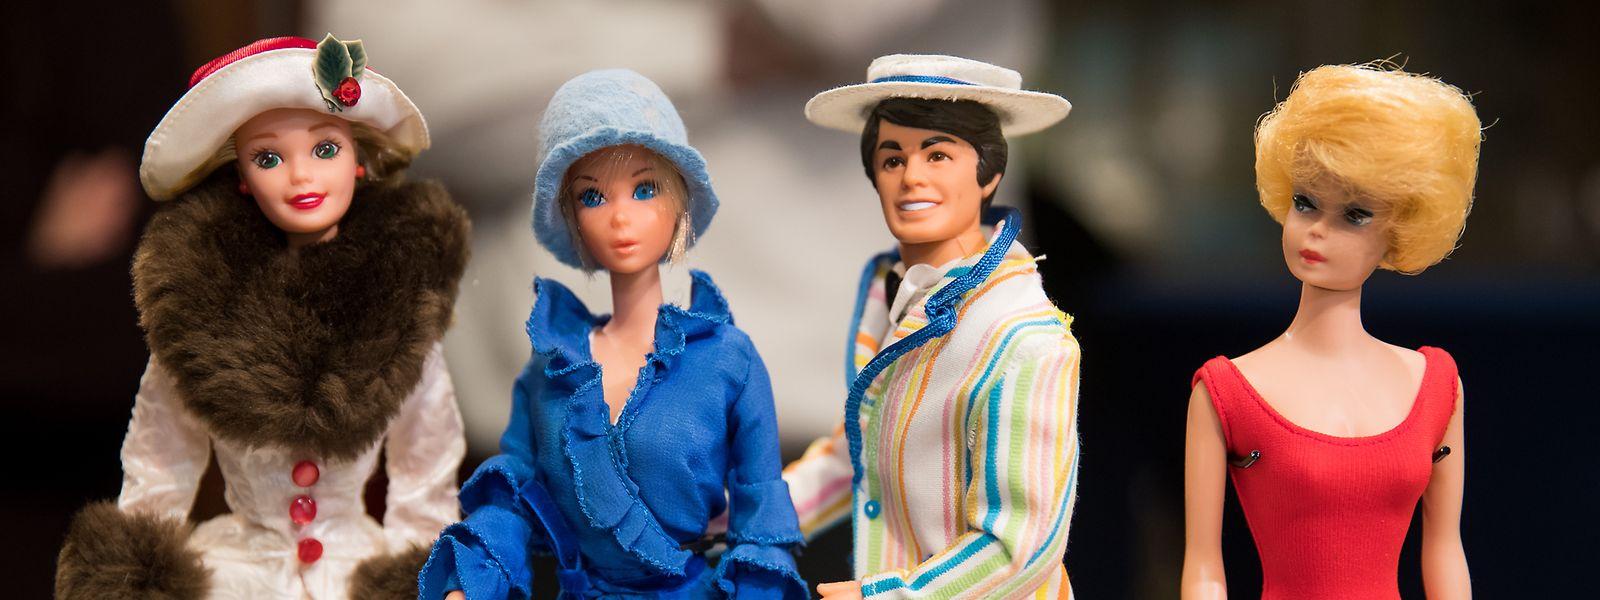 Ken – hier als Hahn im Korb zwischen Puppen aus den Jahren 1995, 1975 und 1962 (v.l.n.r.) – und Barbie legten von 2004 bis 2011 eine Beziehungspause ein.